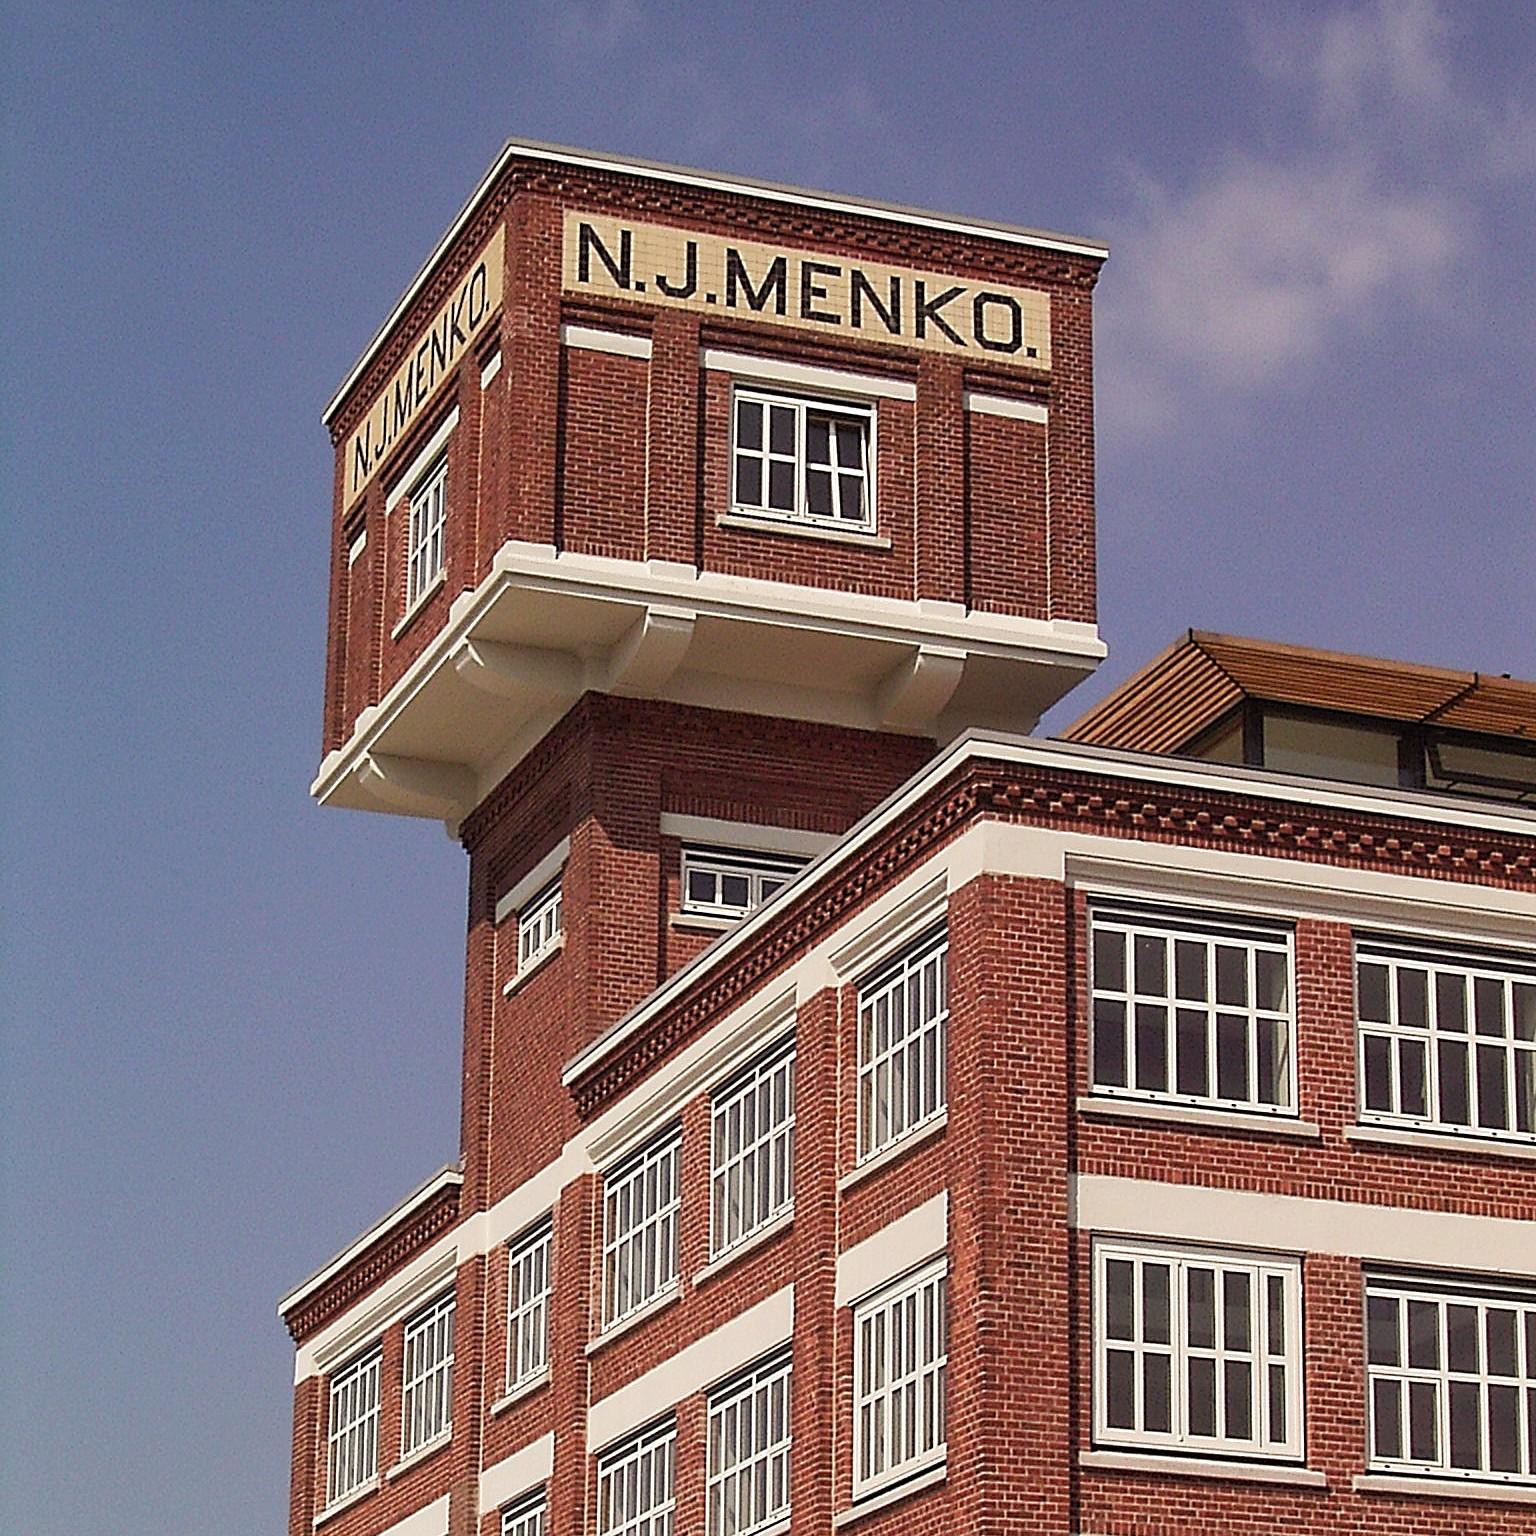 01-menko-RIMG3333-watertower-1x1.jpg